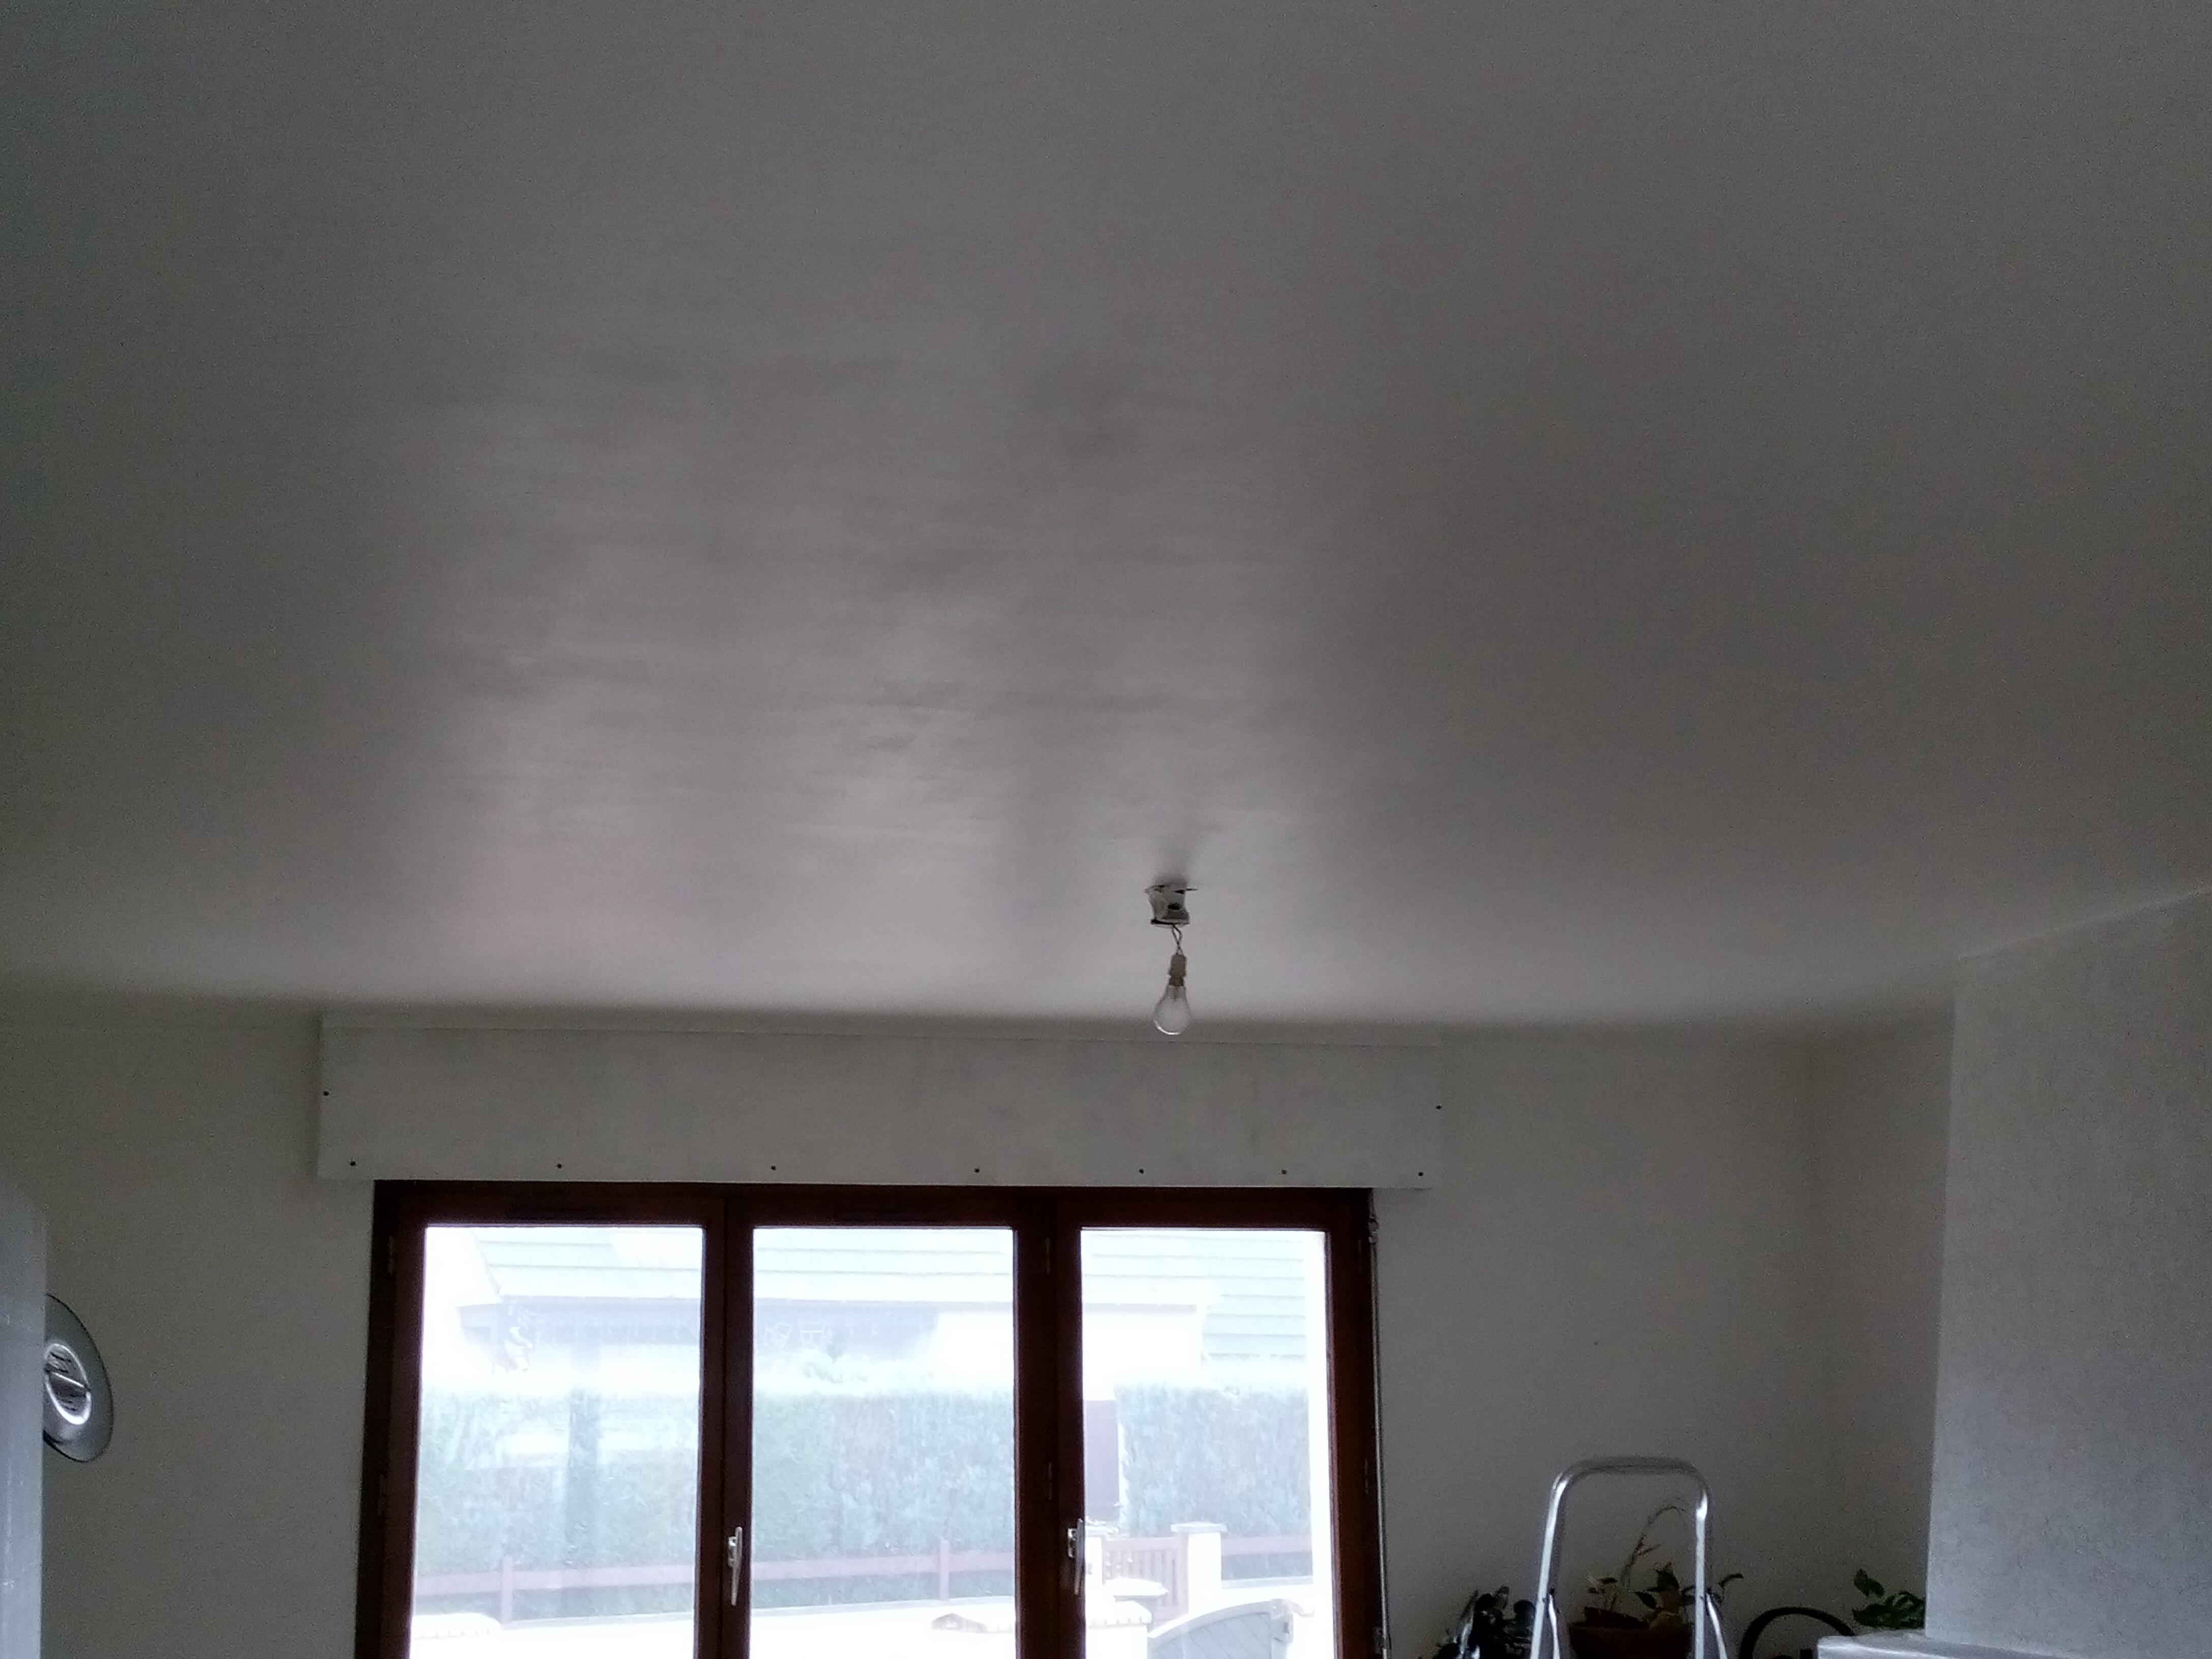 gros problème de peinture plafond 35m2 - 53 messages - Difference Entre Peinture Mat Satine Et Brillant